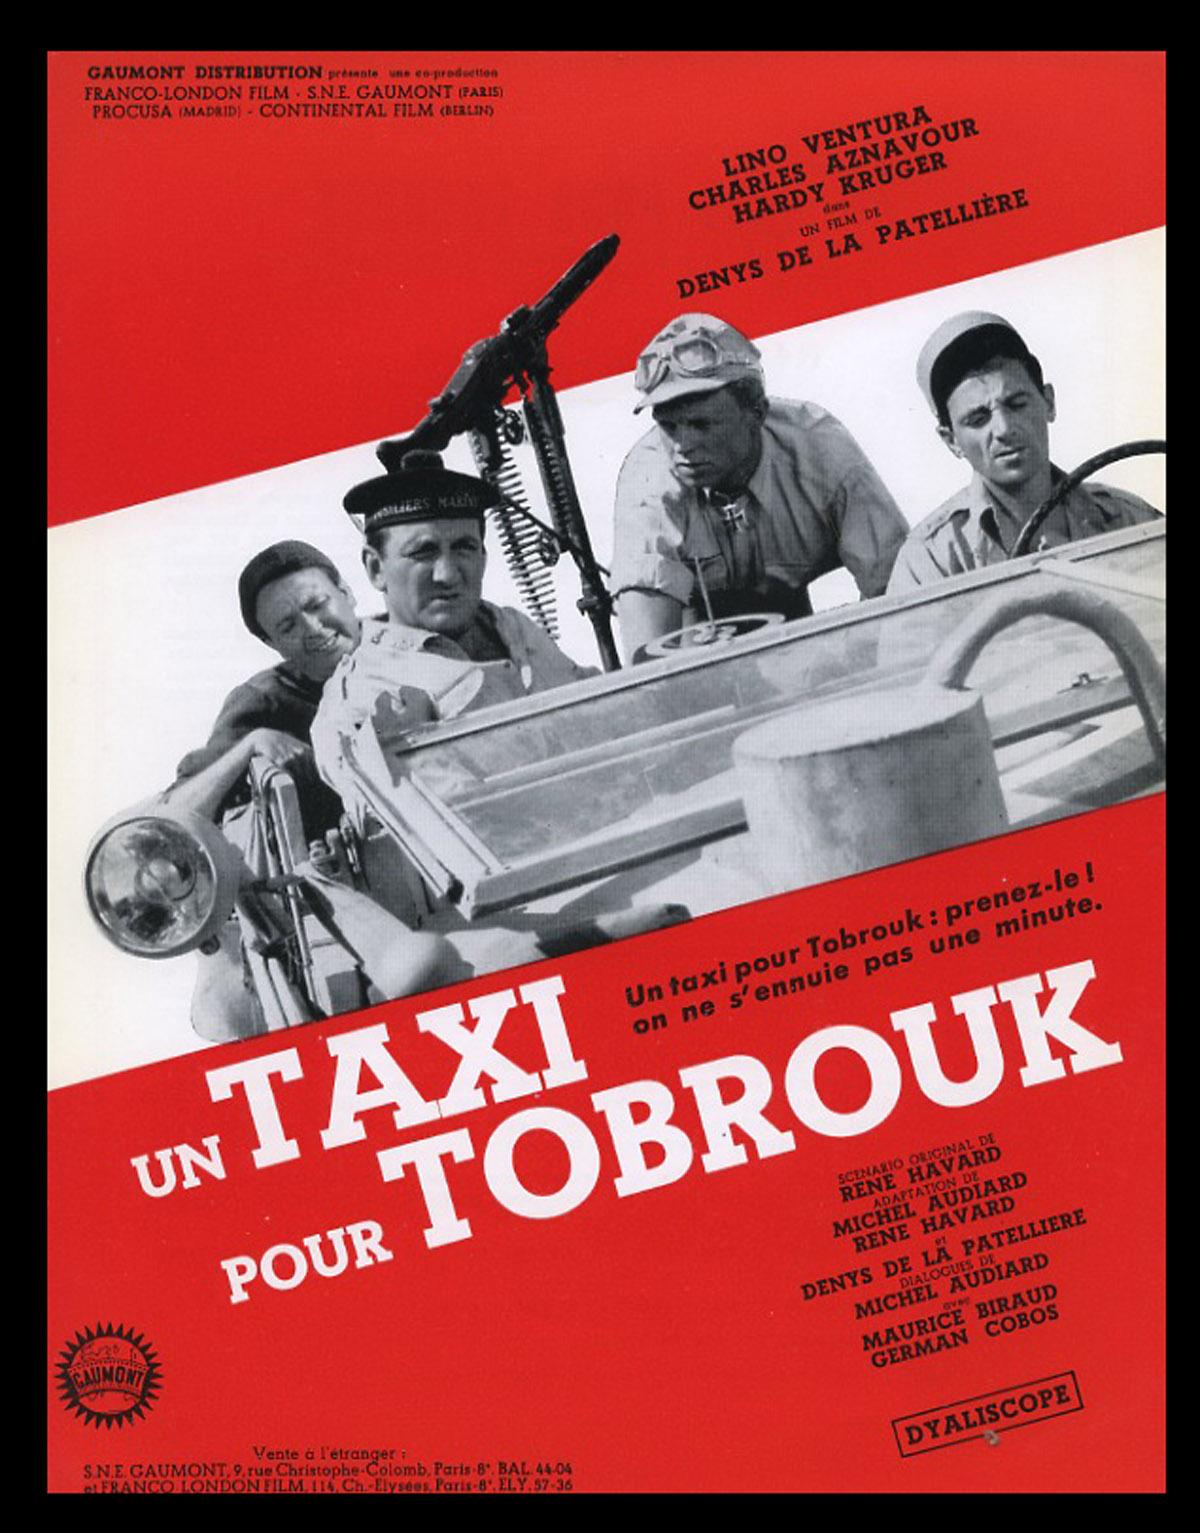 Résultat de recherche d'images pour Un taxi pour tobrouk photos